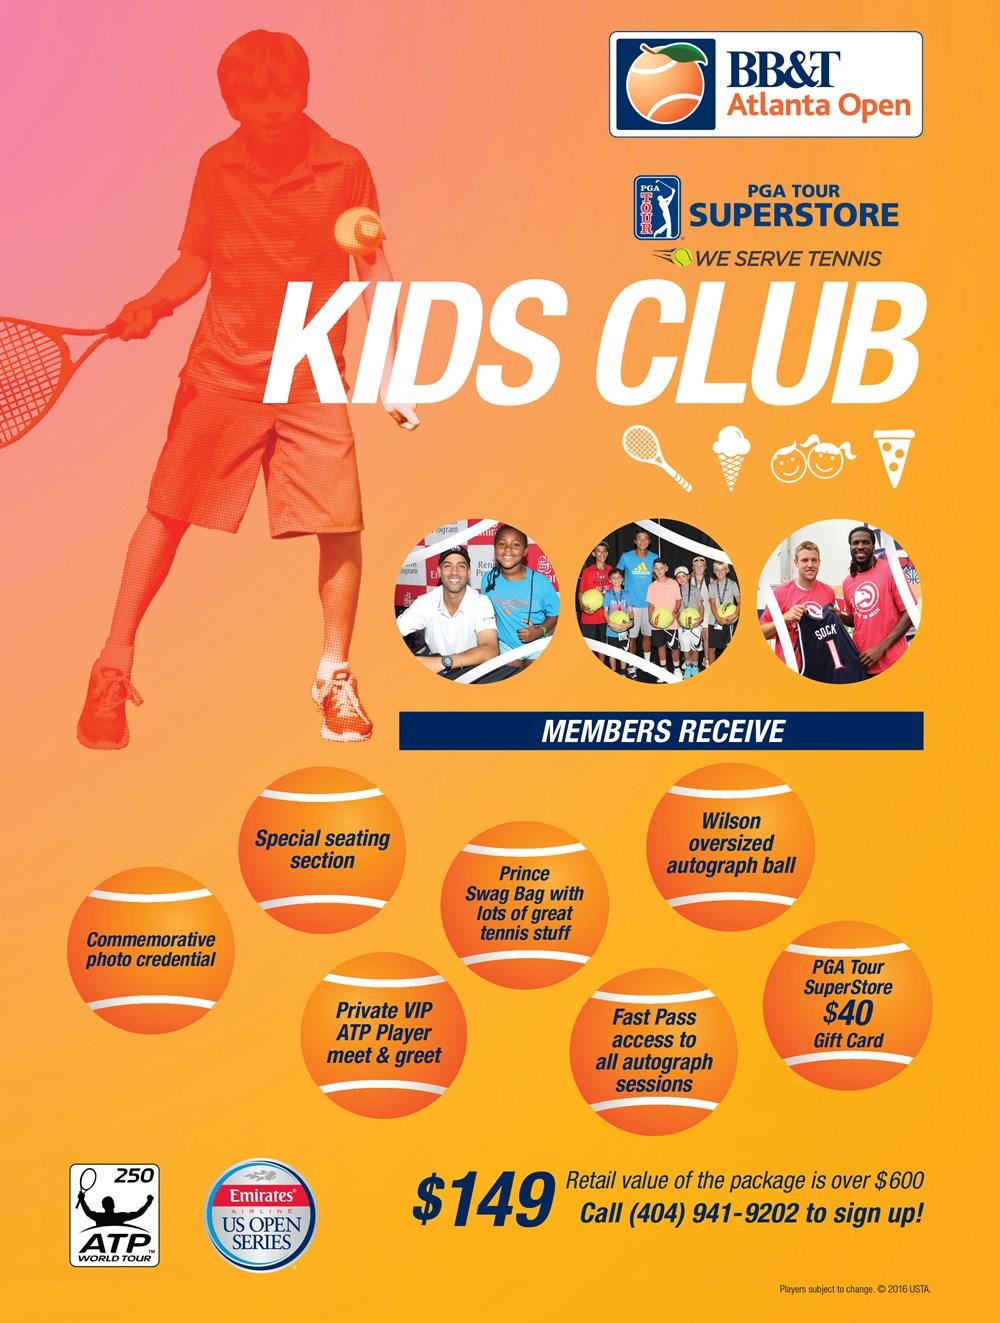 Kids Club | BB&T Atlanta Open